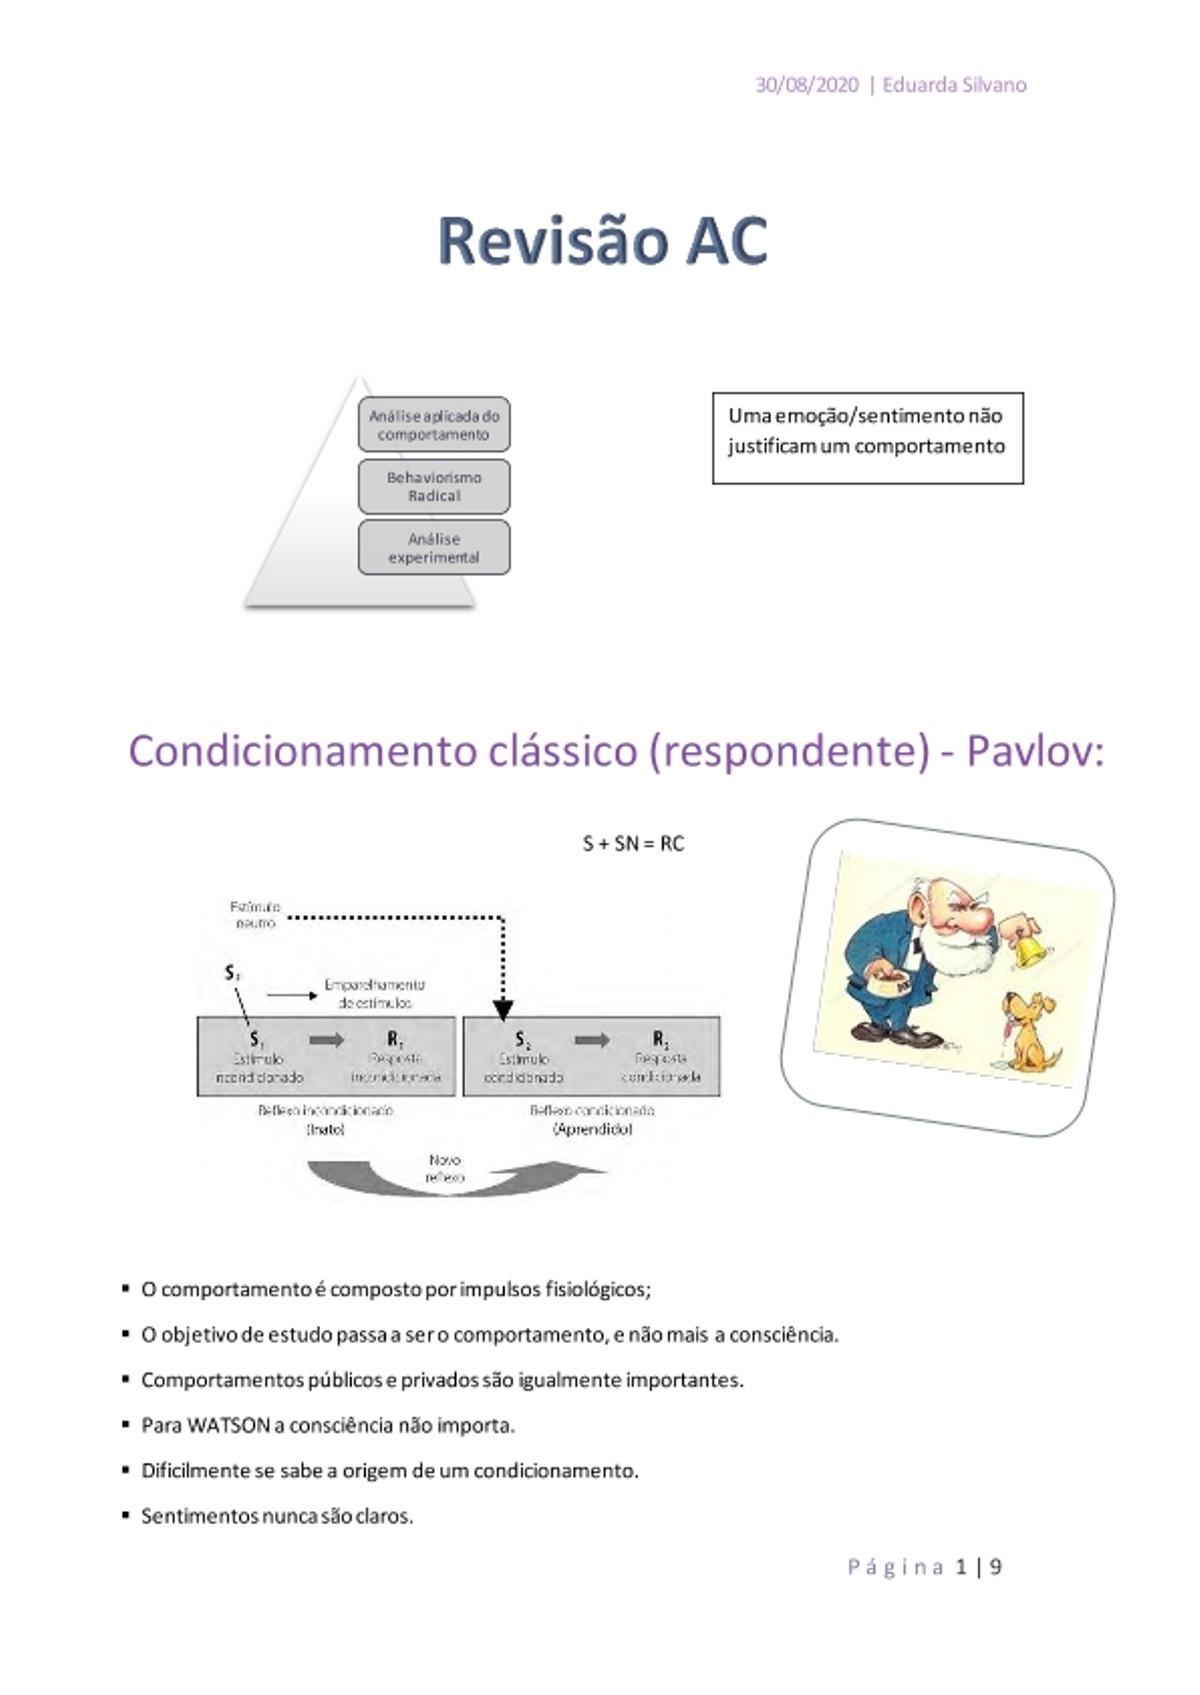 Pre-visualização do material Revisão analise do comportamento - página 1